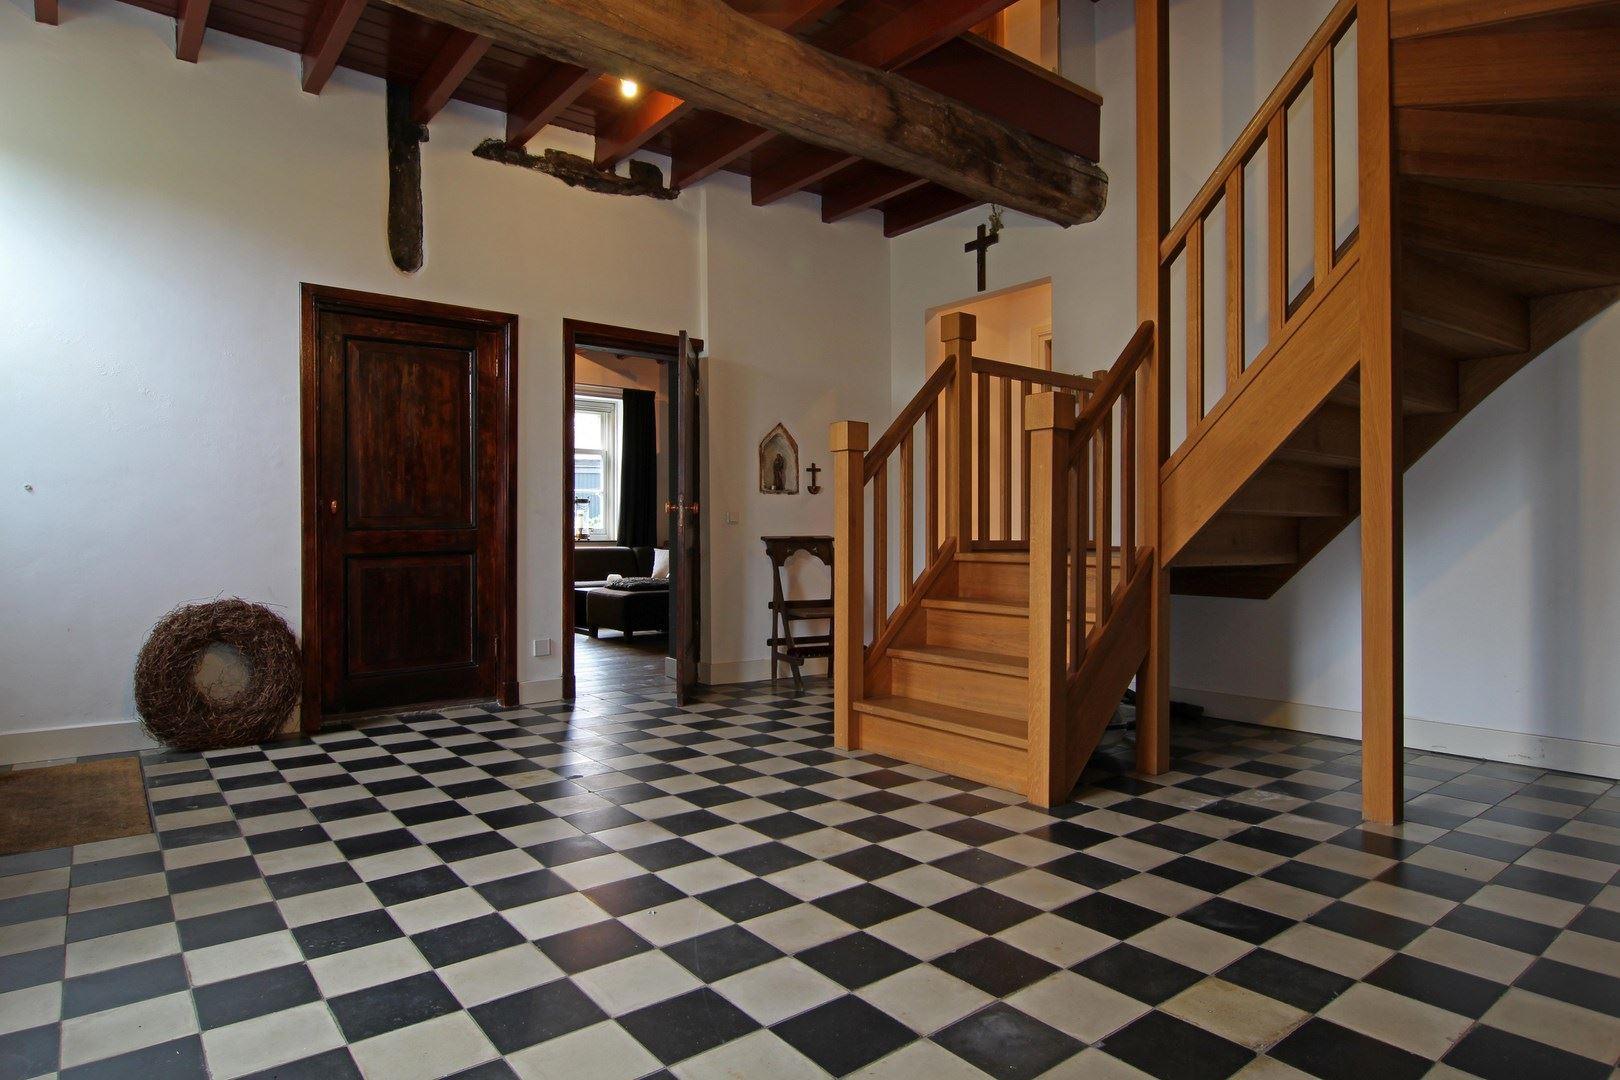 Klasse Keukens Leende : Huis te koop zaalstraat gh leende funda